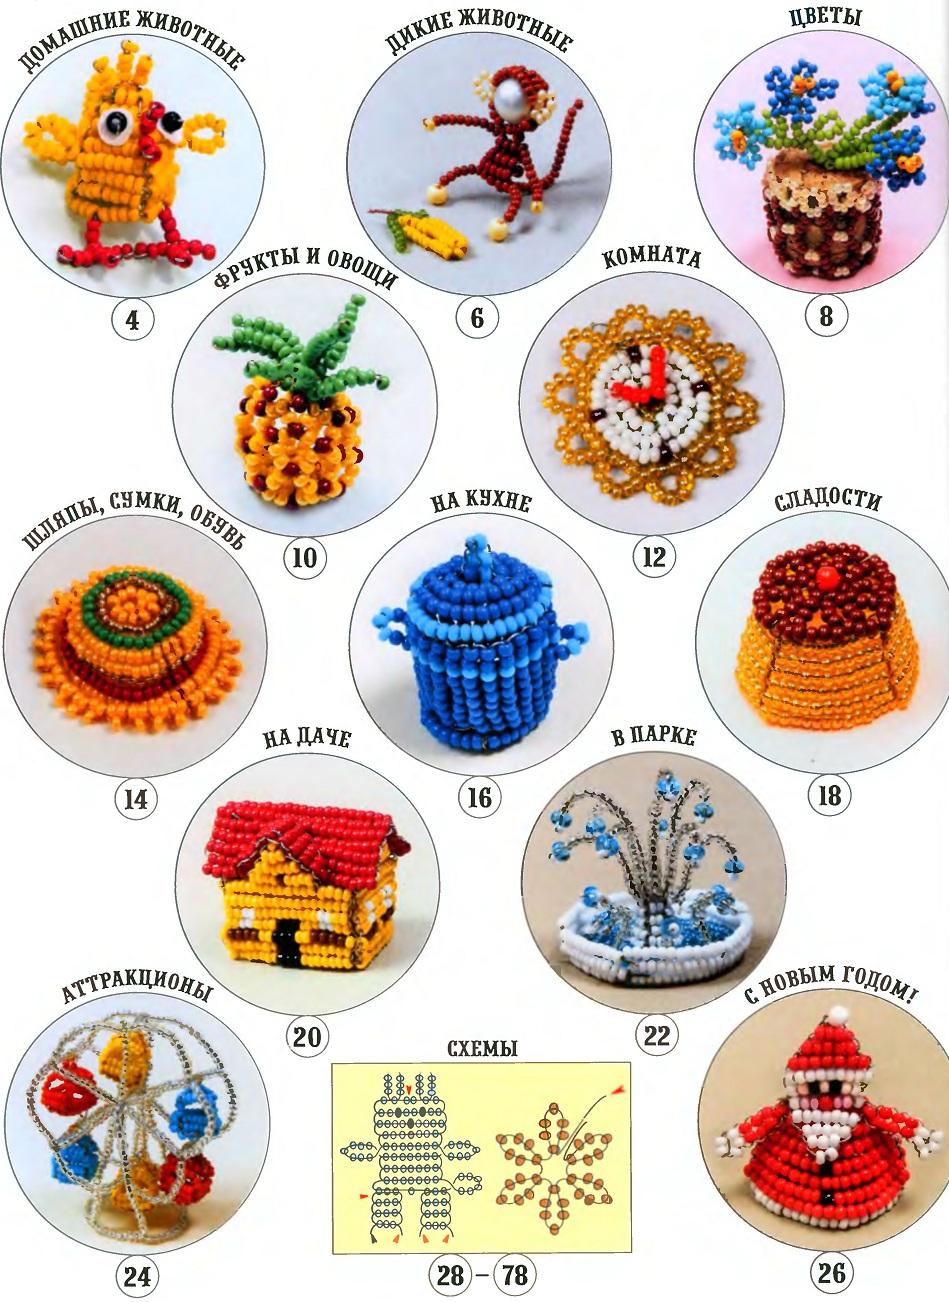 разные сувениры из бисера. миниатюрные игрушки из бисера.